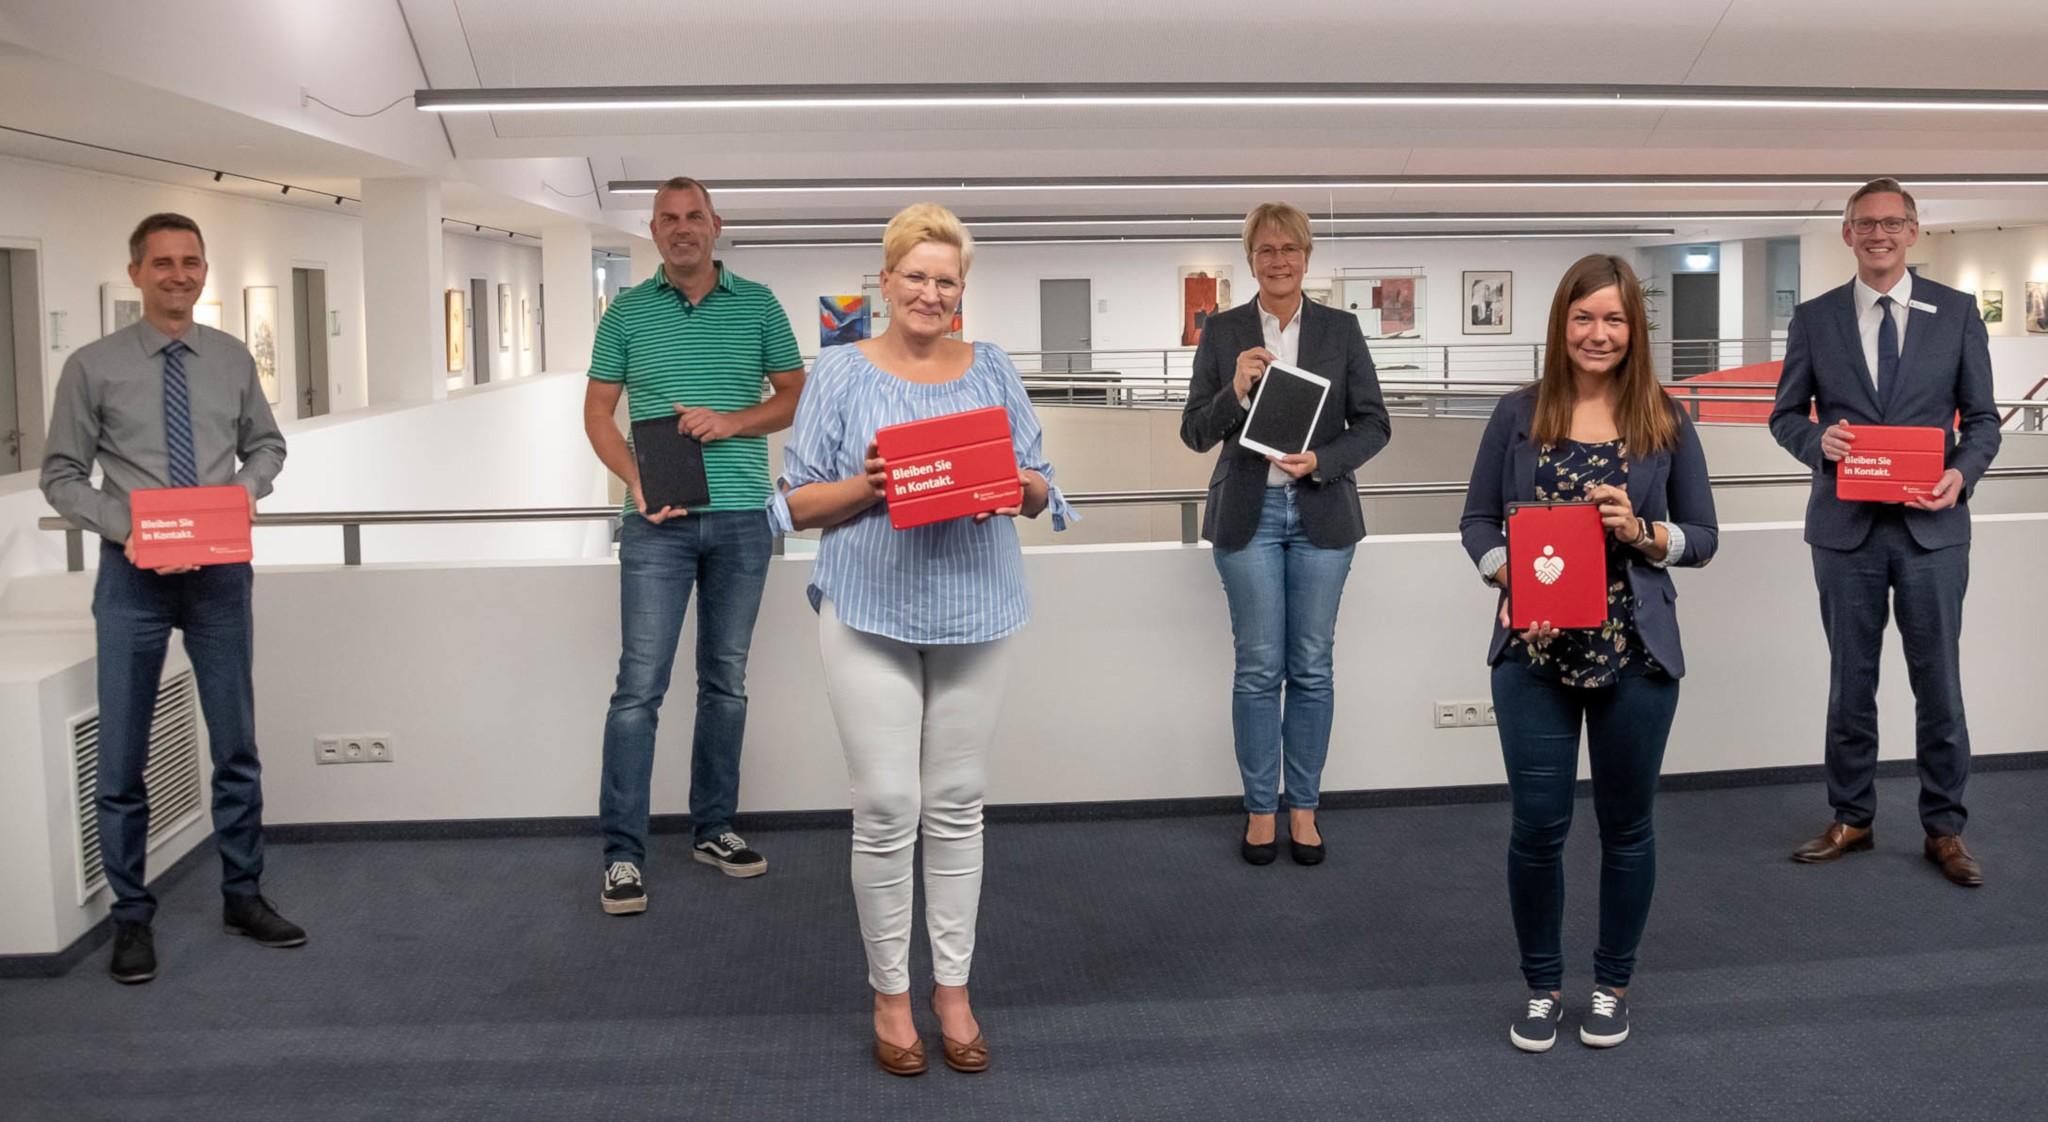 Sparkasse spendet Tablets für Alten- und Pflegeeinrichtungen